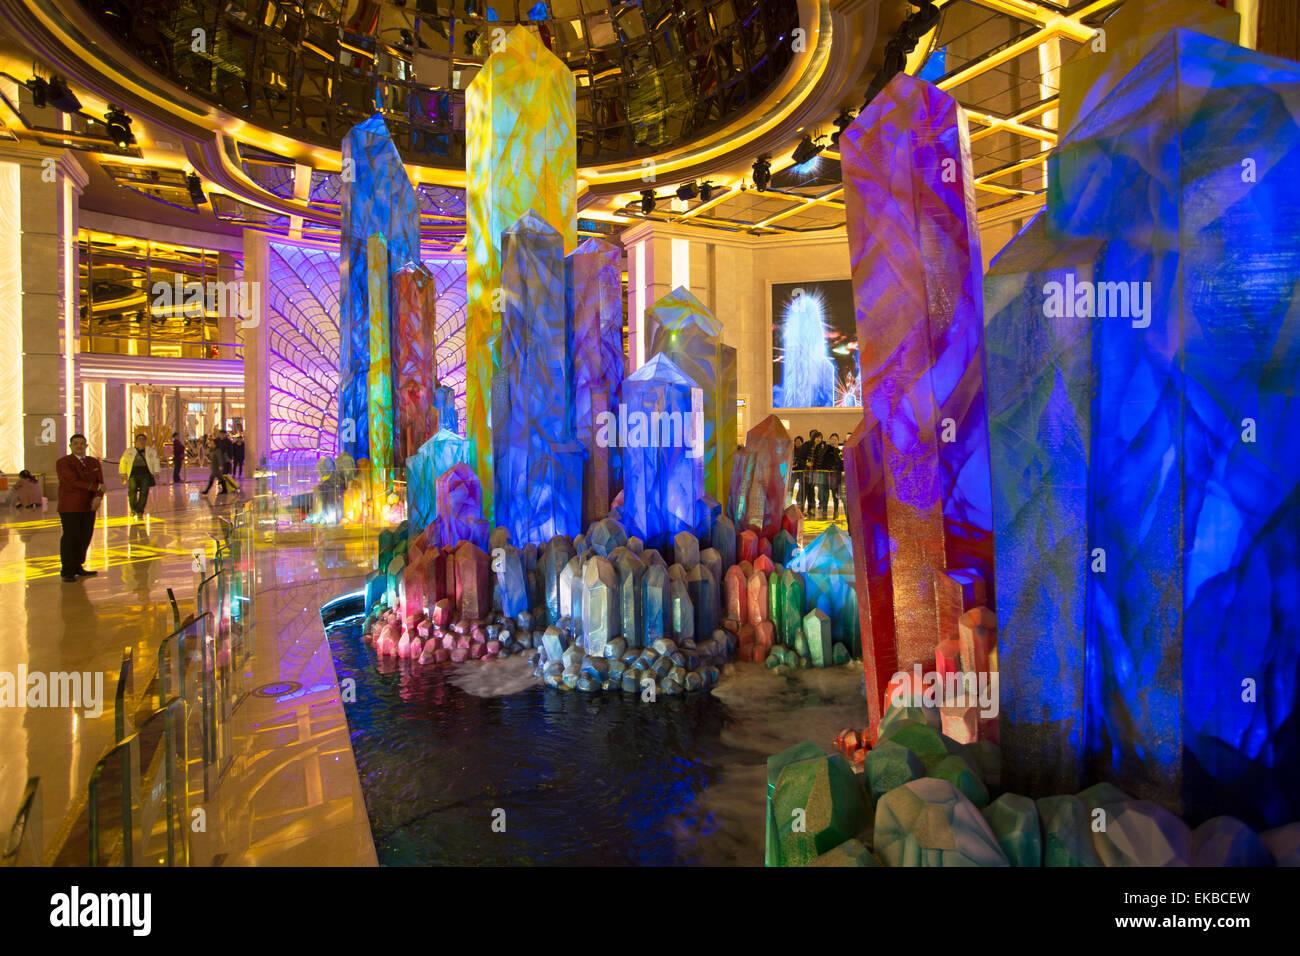 Vestíbulo de cristal en el hotel Galaxy, Taipa, Macao, China, Asia Imagen De Stock